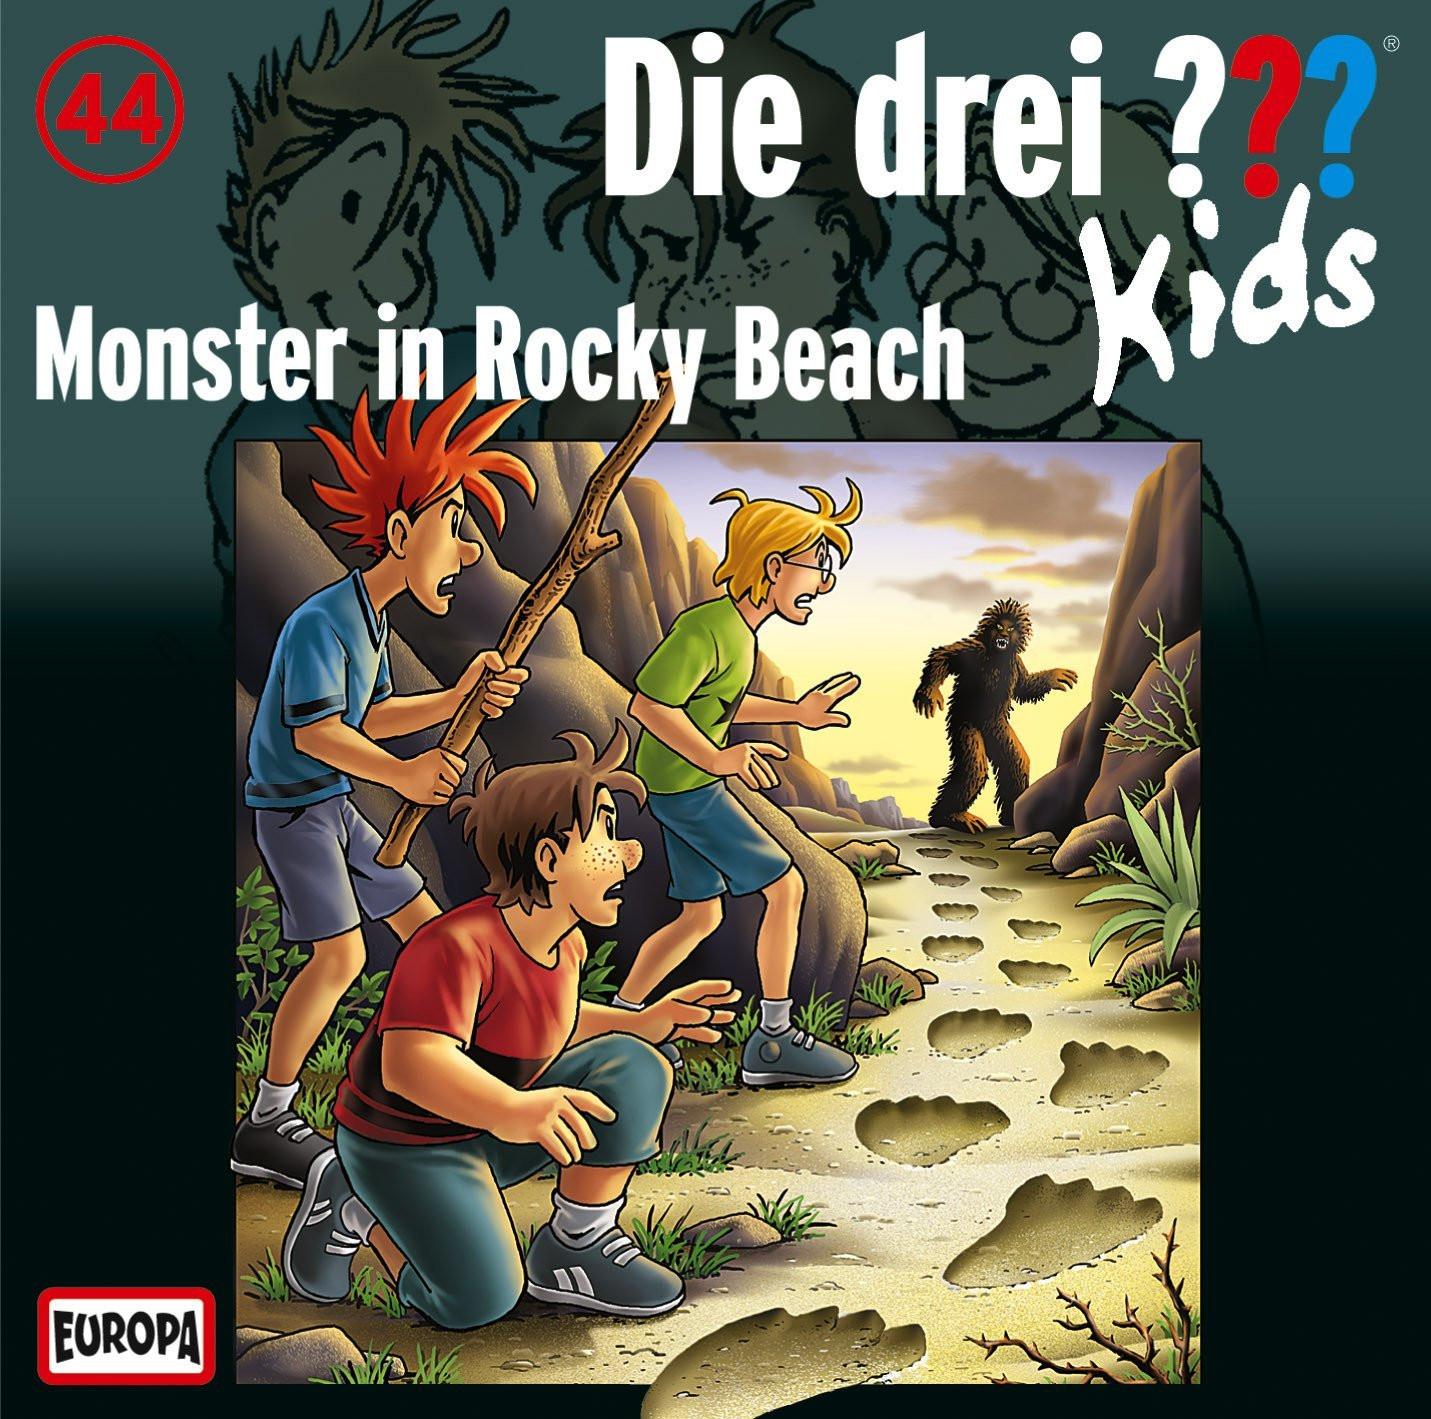 Die drei ??? Kids Folge 44 Monster in Rocky Beach